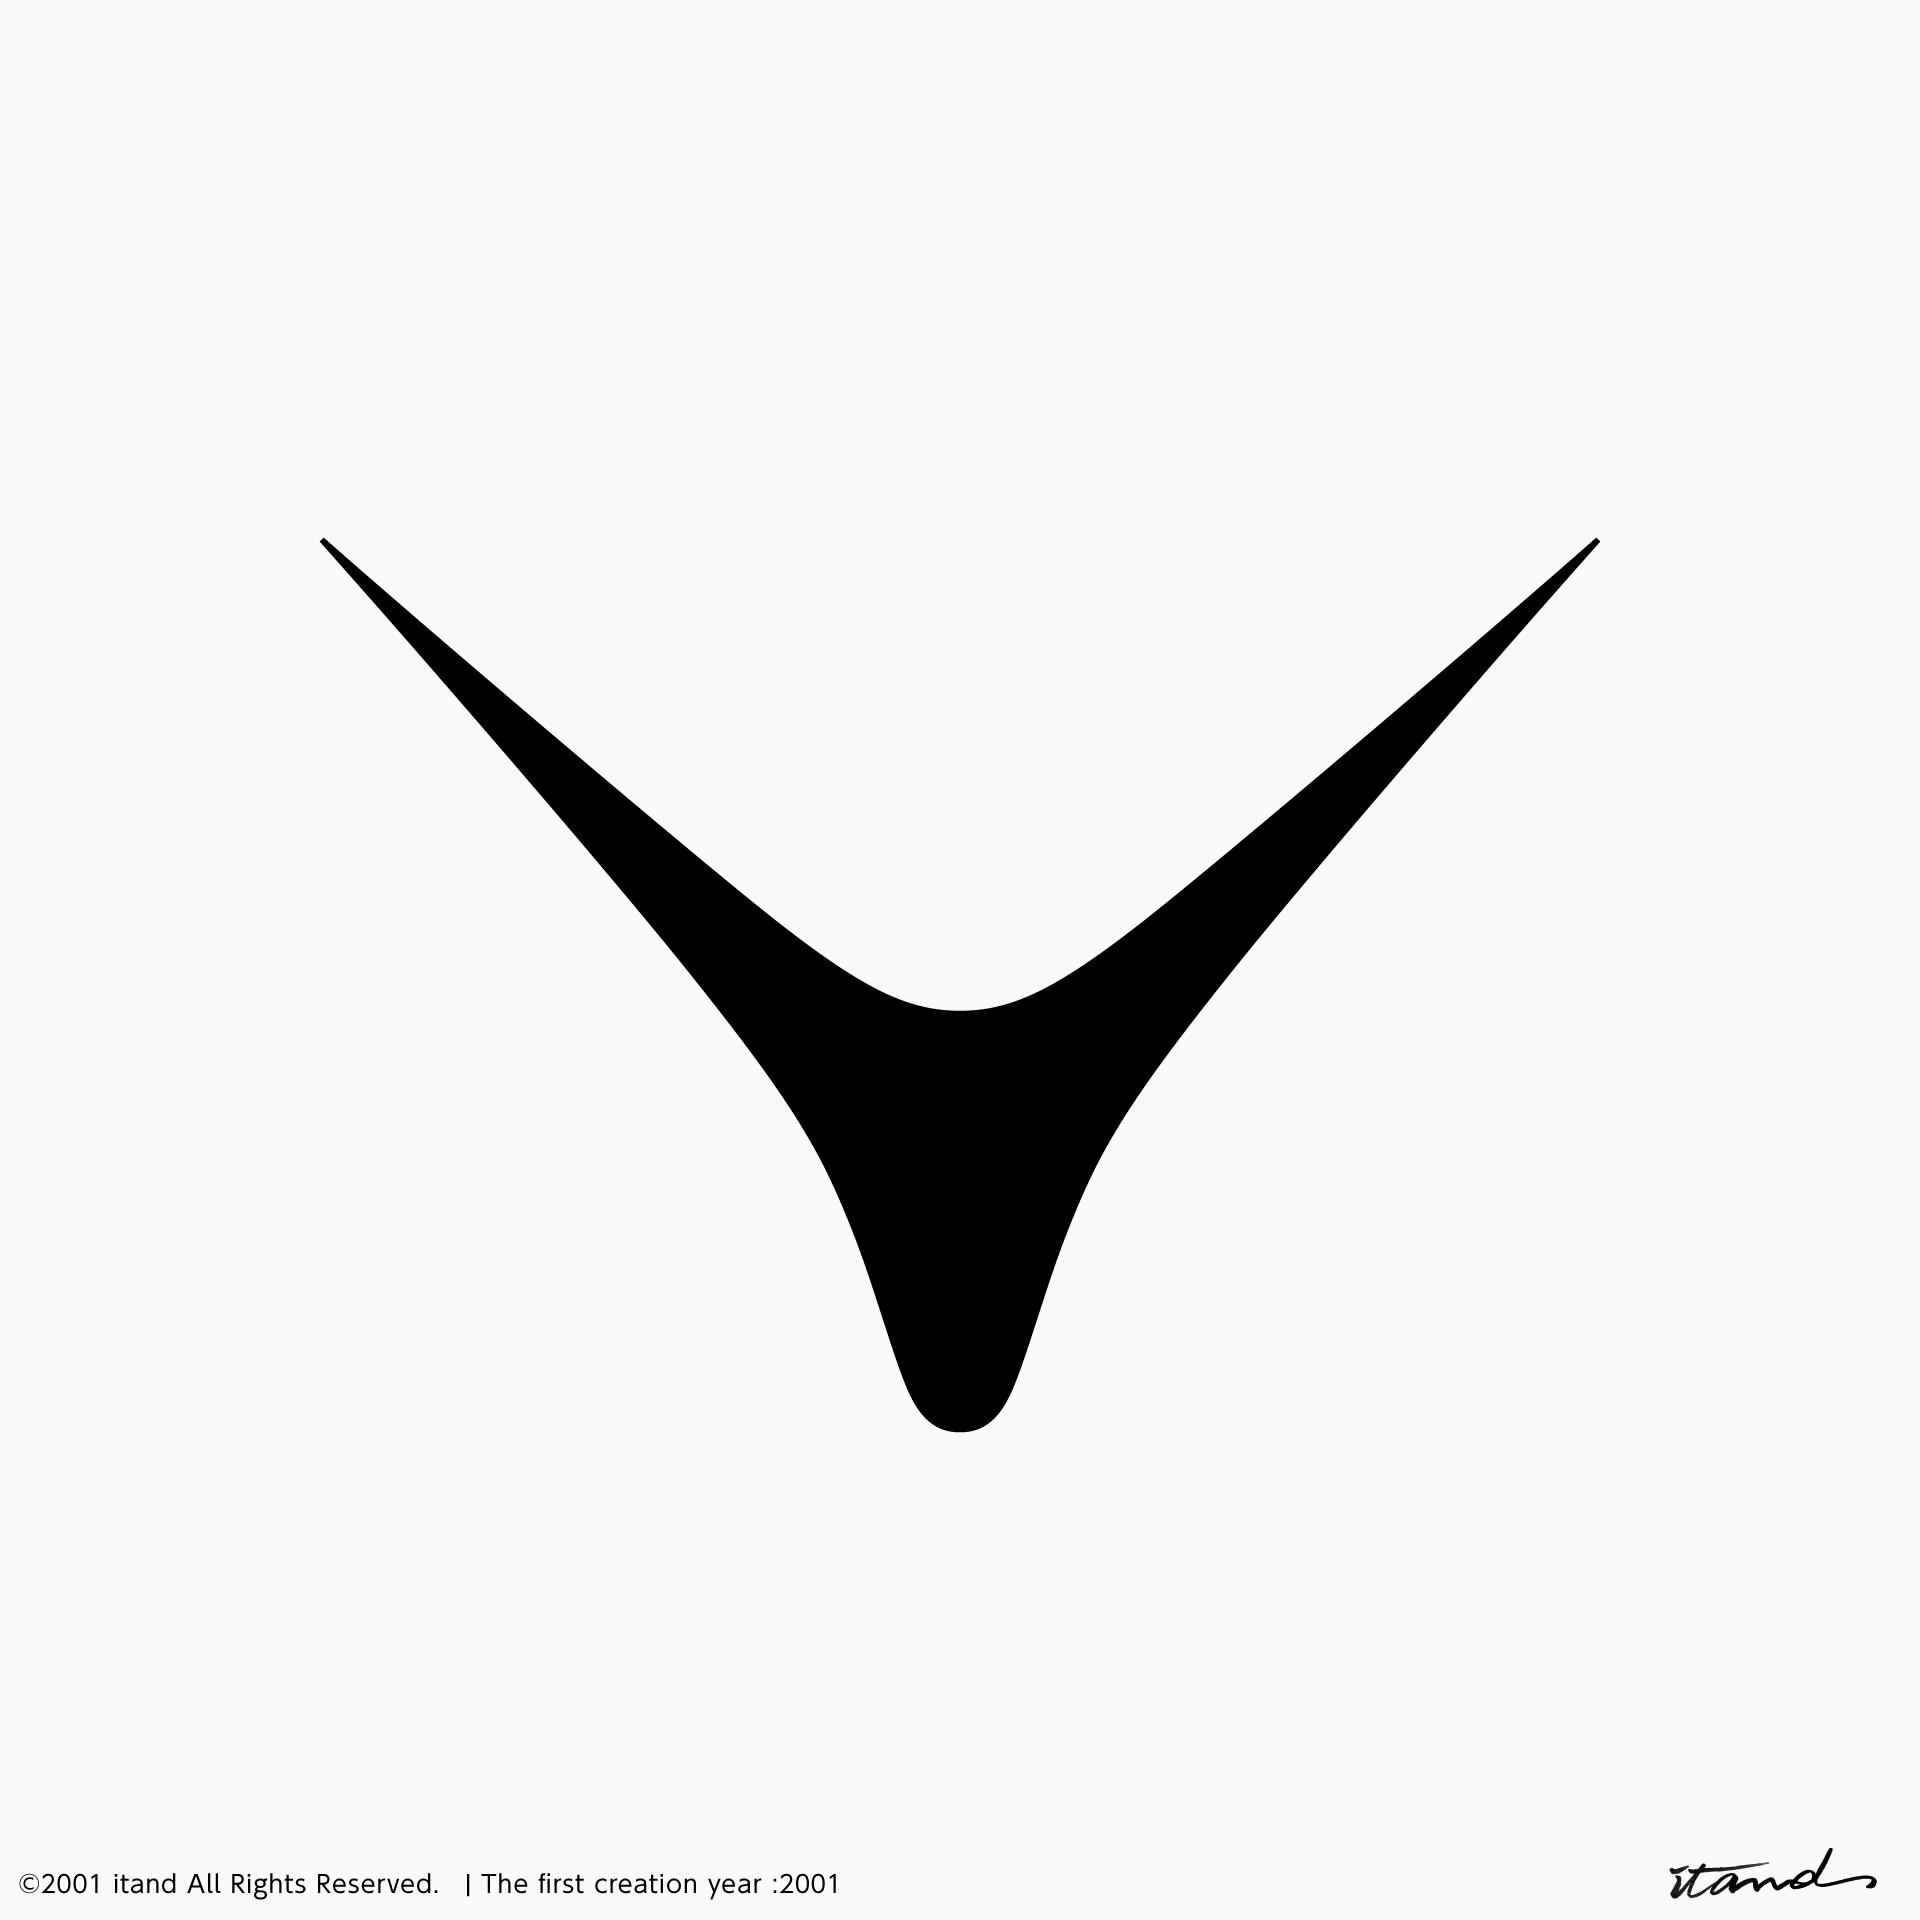 シンボルアート & デザイン  ビキニ Vikini